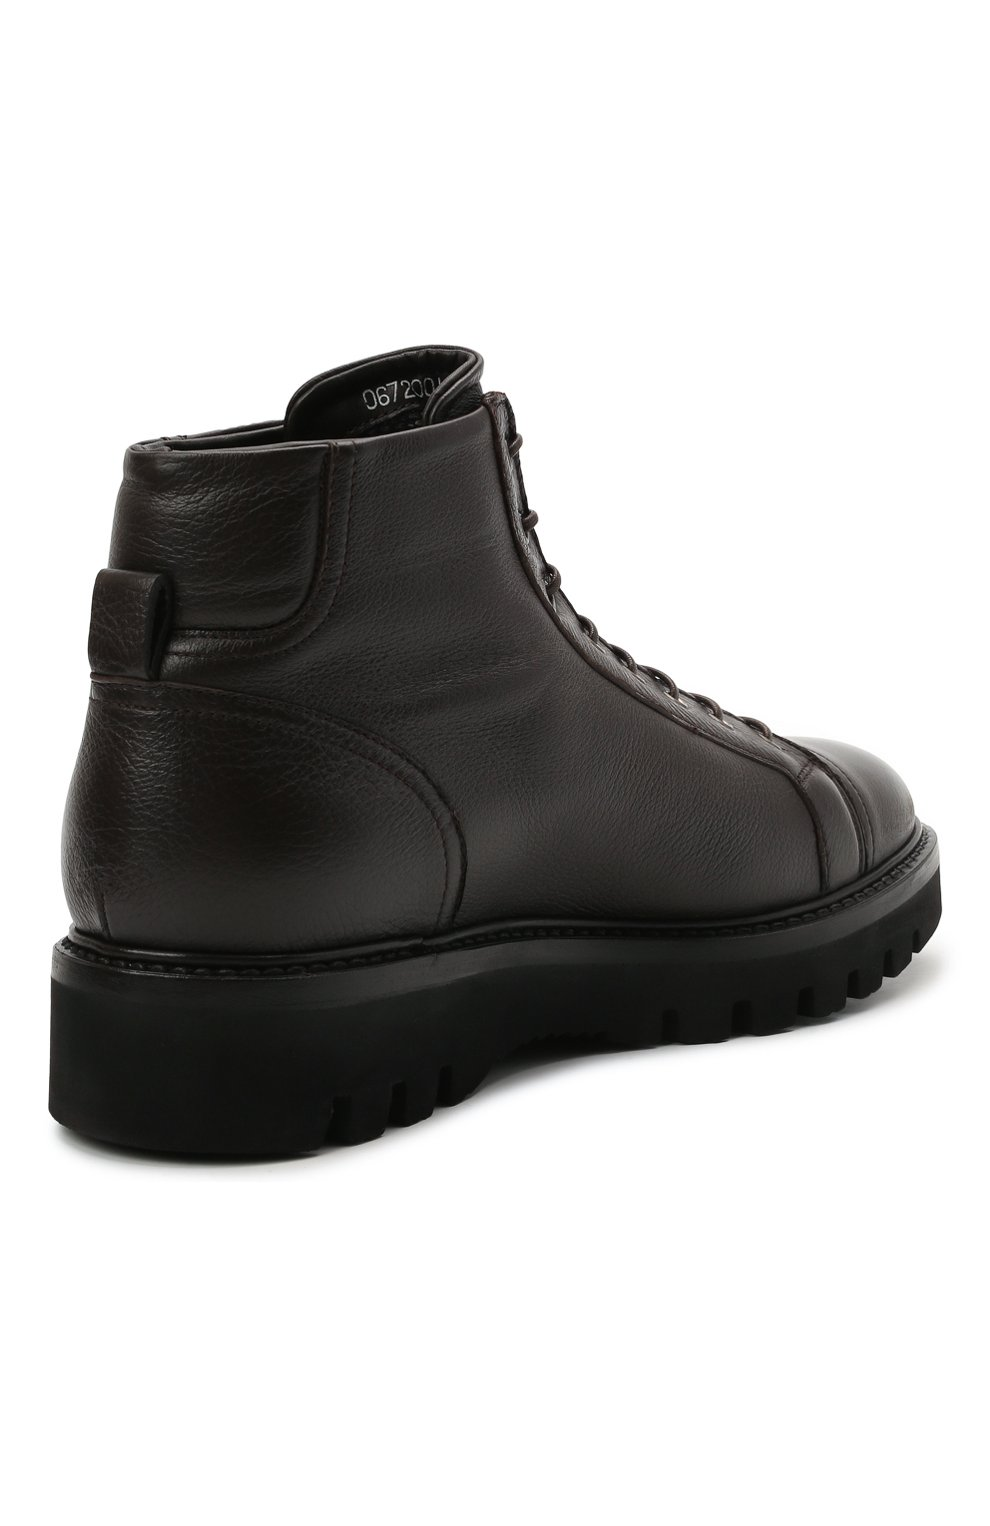 Мужские кожаные ботинки W.GIBBS темно-коричневого цвета, арт. 0672001/1541   Фото 4 (Мужское Кросс-КТ: Ботинки-обувь; Материал внутренний: Текстиль; Подошва: Массивная)